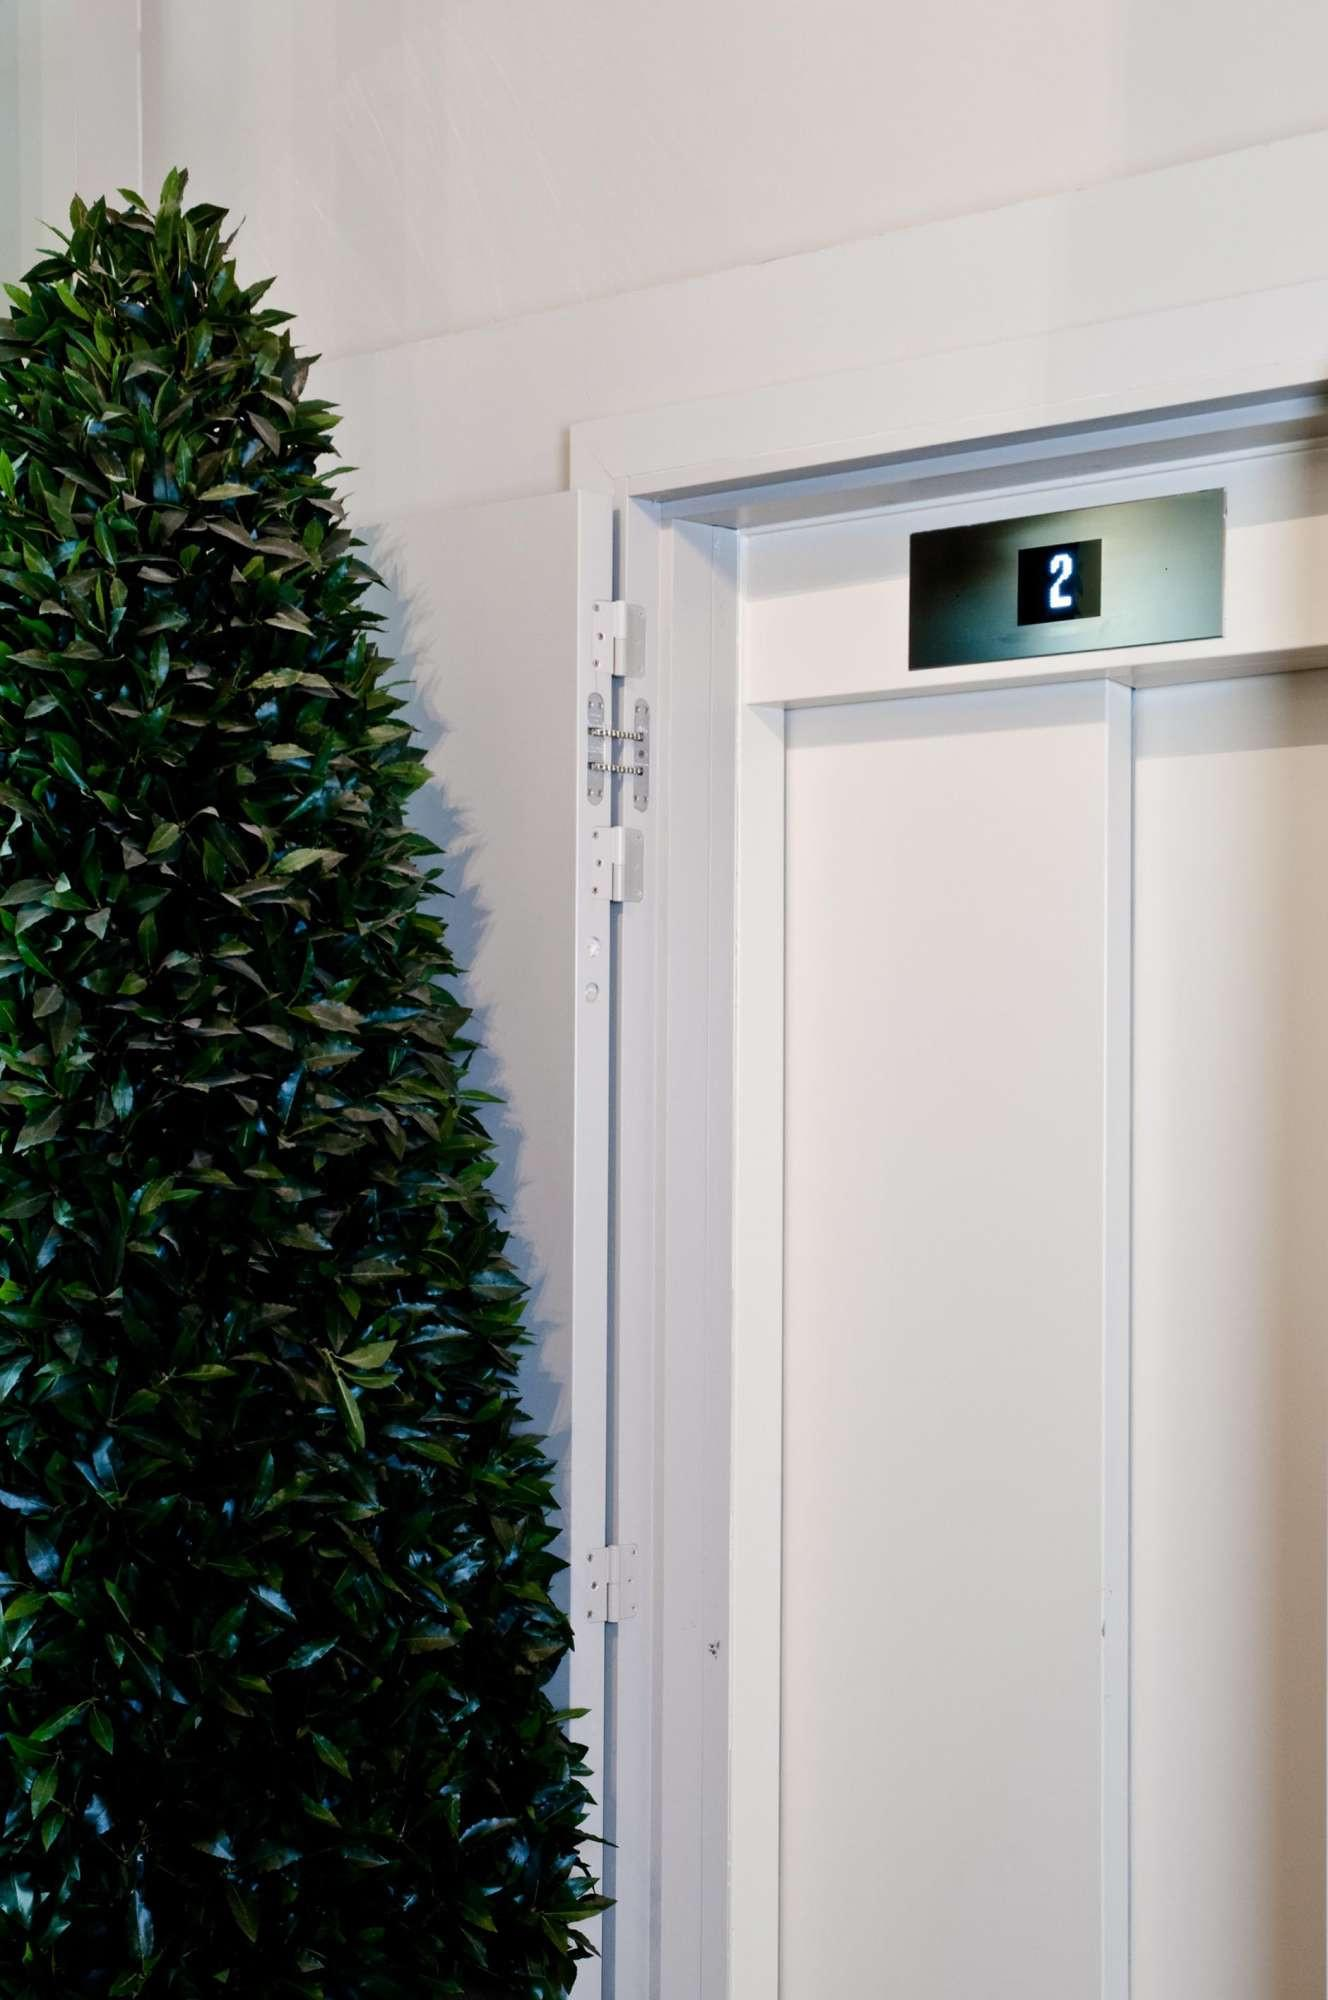 Nordex_Brugge hotel Casselbergh_6